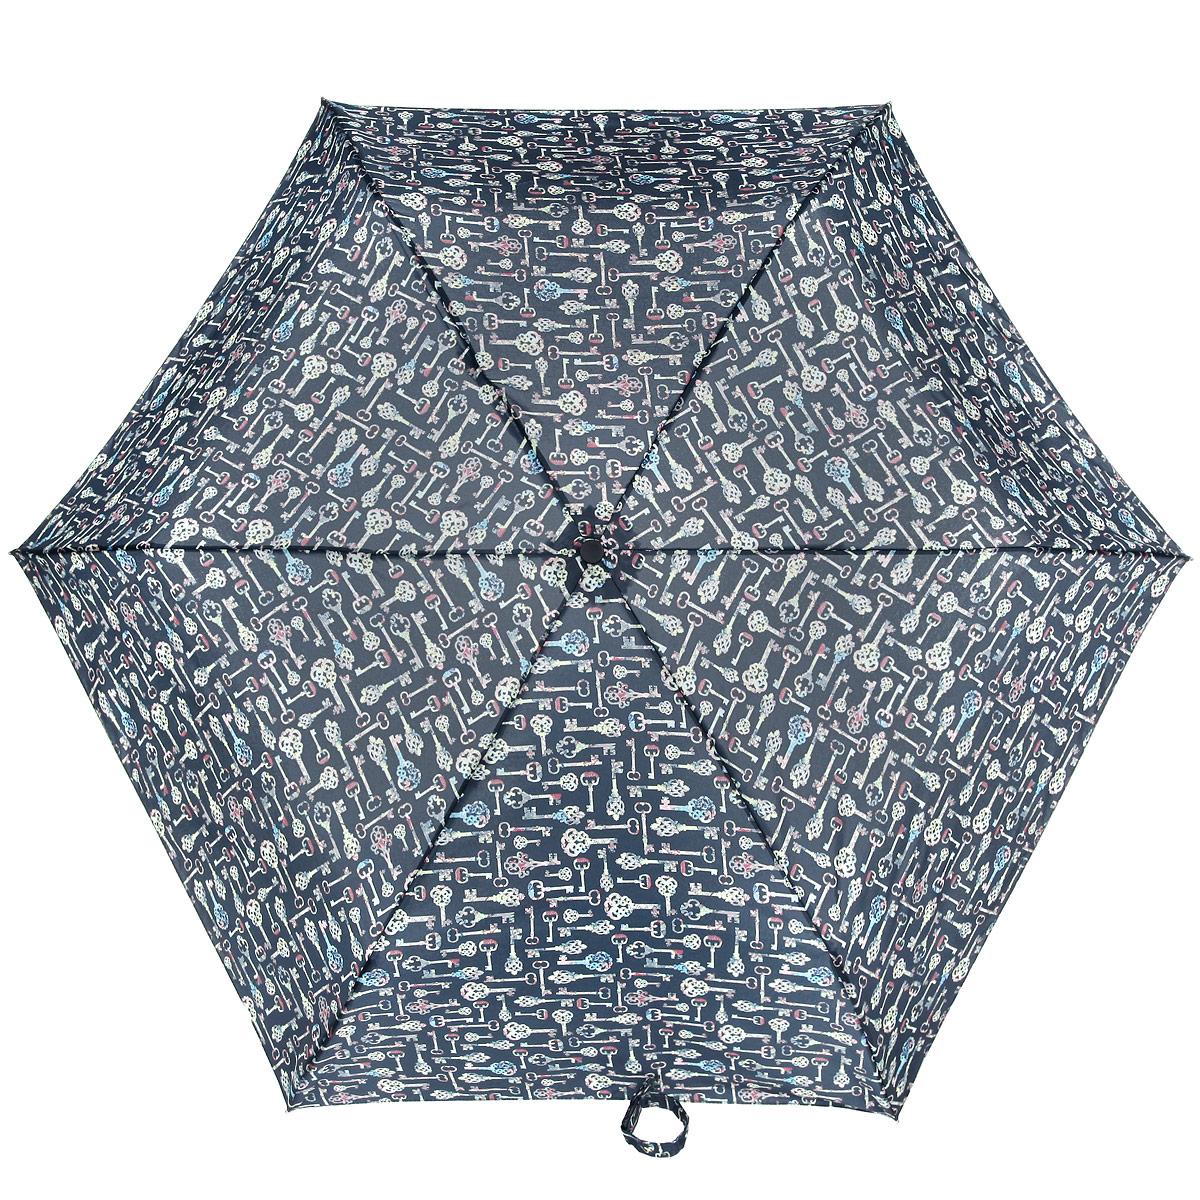 Зонт женский Fulton Superslim-2. Kaleidoscope, механический, 5 сложений, цвет: черный, желтый. L553-2930L553-2930Очаровательный механический зонтик Superslim-2. Kaleidoscope в 5 сложений изготовлен из высокопрочных материалов. Каркас зонта состоит из 6 спиц и прочного алюминиевого стержня. Купол зонта выполнен из прочного полиэстера с водоотталкивающей пропиткой и оформлен изображением в виде антикварных ключей. Рукоятка изготовлена из пластика. Зонт имеет механический механизм сложения: купол открывается и закрывается вручную до характерного щелчка. Небольшой шнурок, расположенный на рукоятке, позволяет надеть изделие на руку при необходимости. Модель закрывается при помощи хлястика на липучку. К зонту прилагается чехол. Прелестный зонт не только выручит вас в ненастную погоду, но и станет стильным аксессуаром, прекрасно дополнит ваш модный образ.